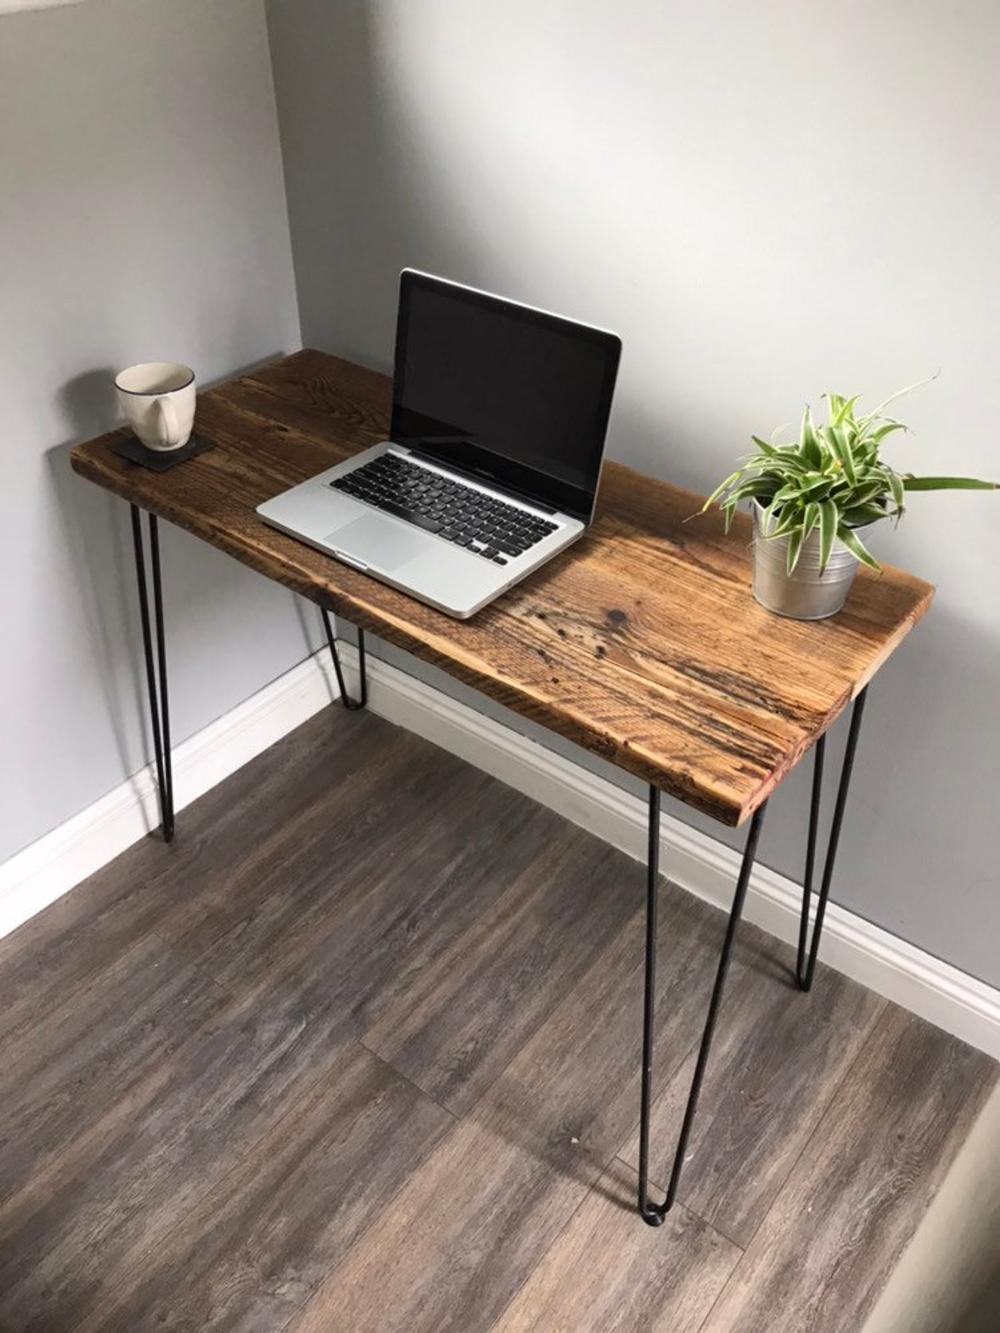 Hampshire Modern Rustic Industrial Reclaimed Wood Desk Avec Des Jambes En Epingle A Cheveux En 2020 Bureau En Bois De Recuperation Decor Rustique Moderne Style Industriel Rustique